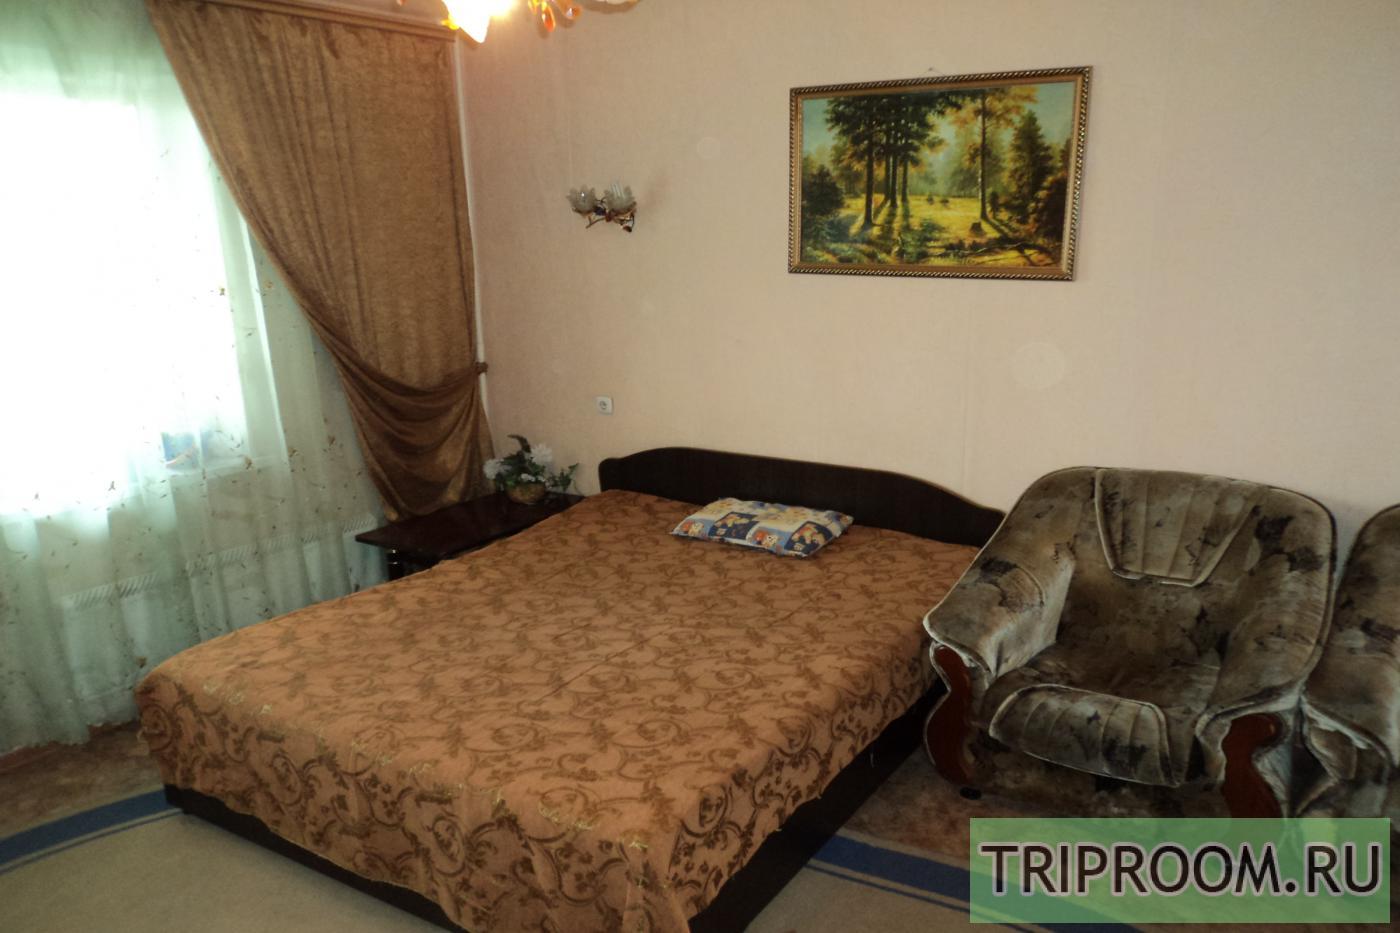 1-комнатная квартира посуточно (вариант № 9346), ул. Братьев Кашириных улица, фото № 1